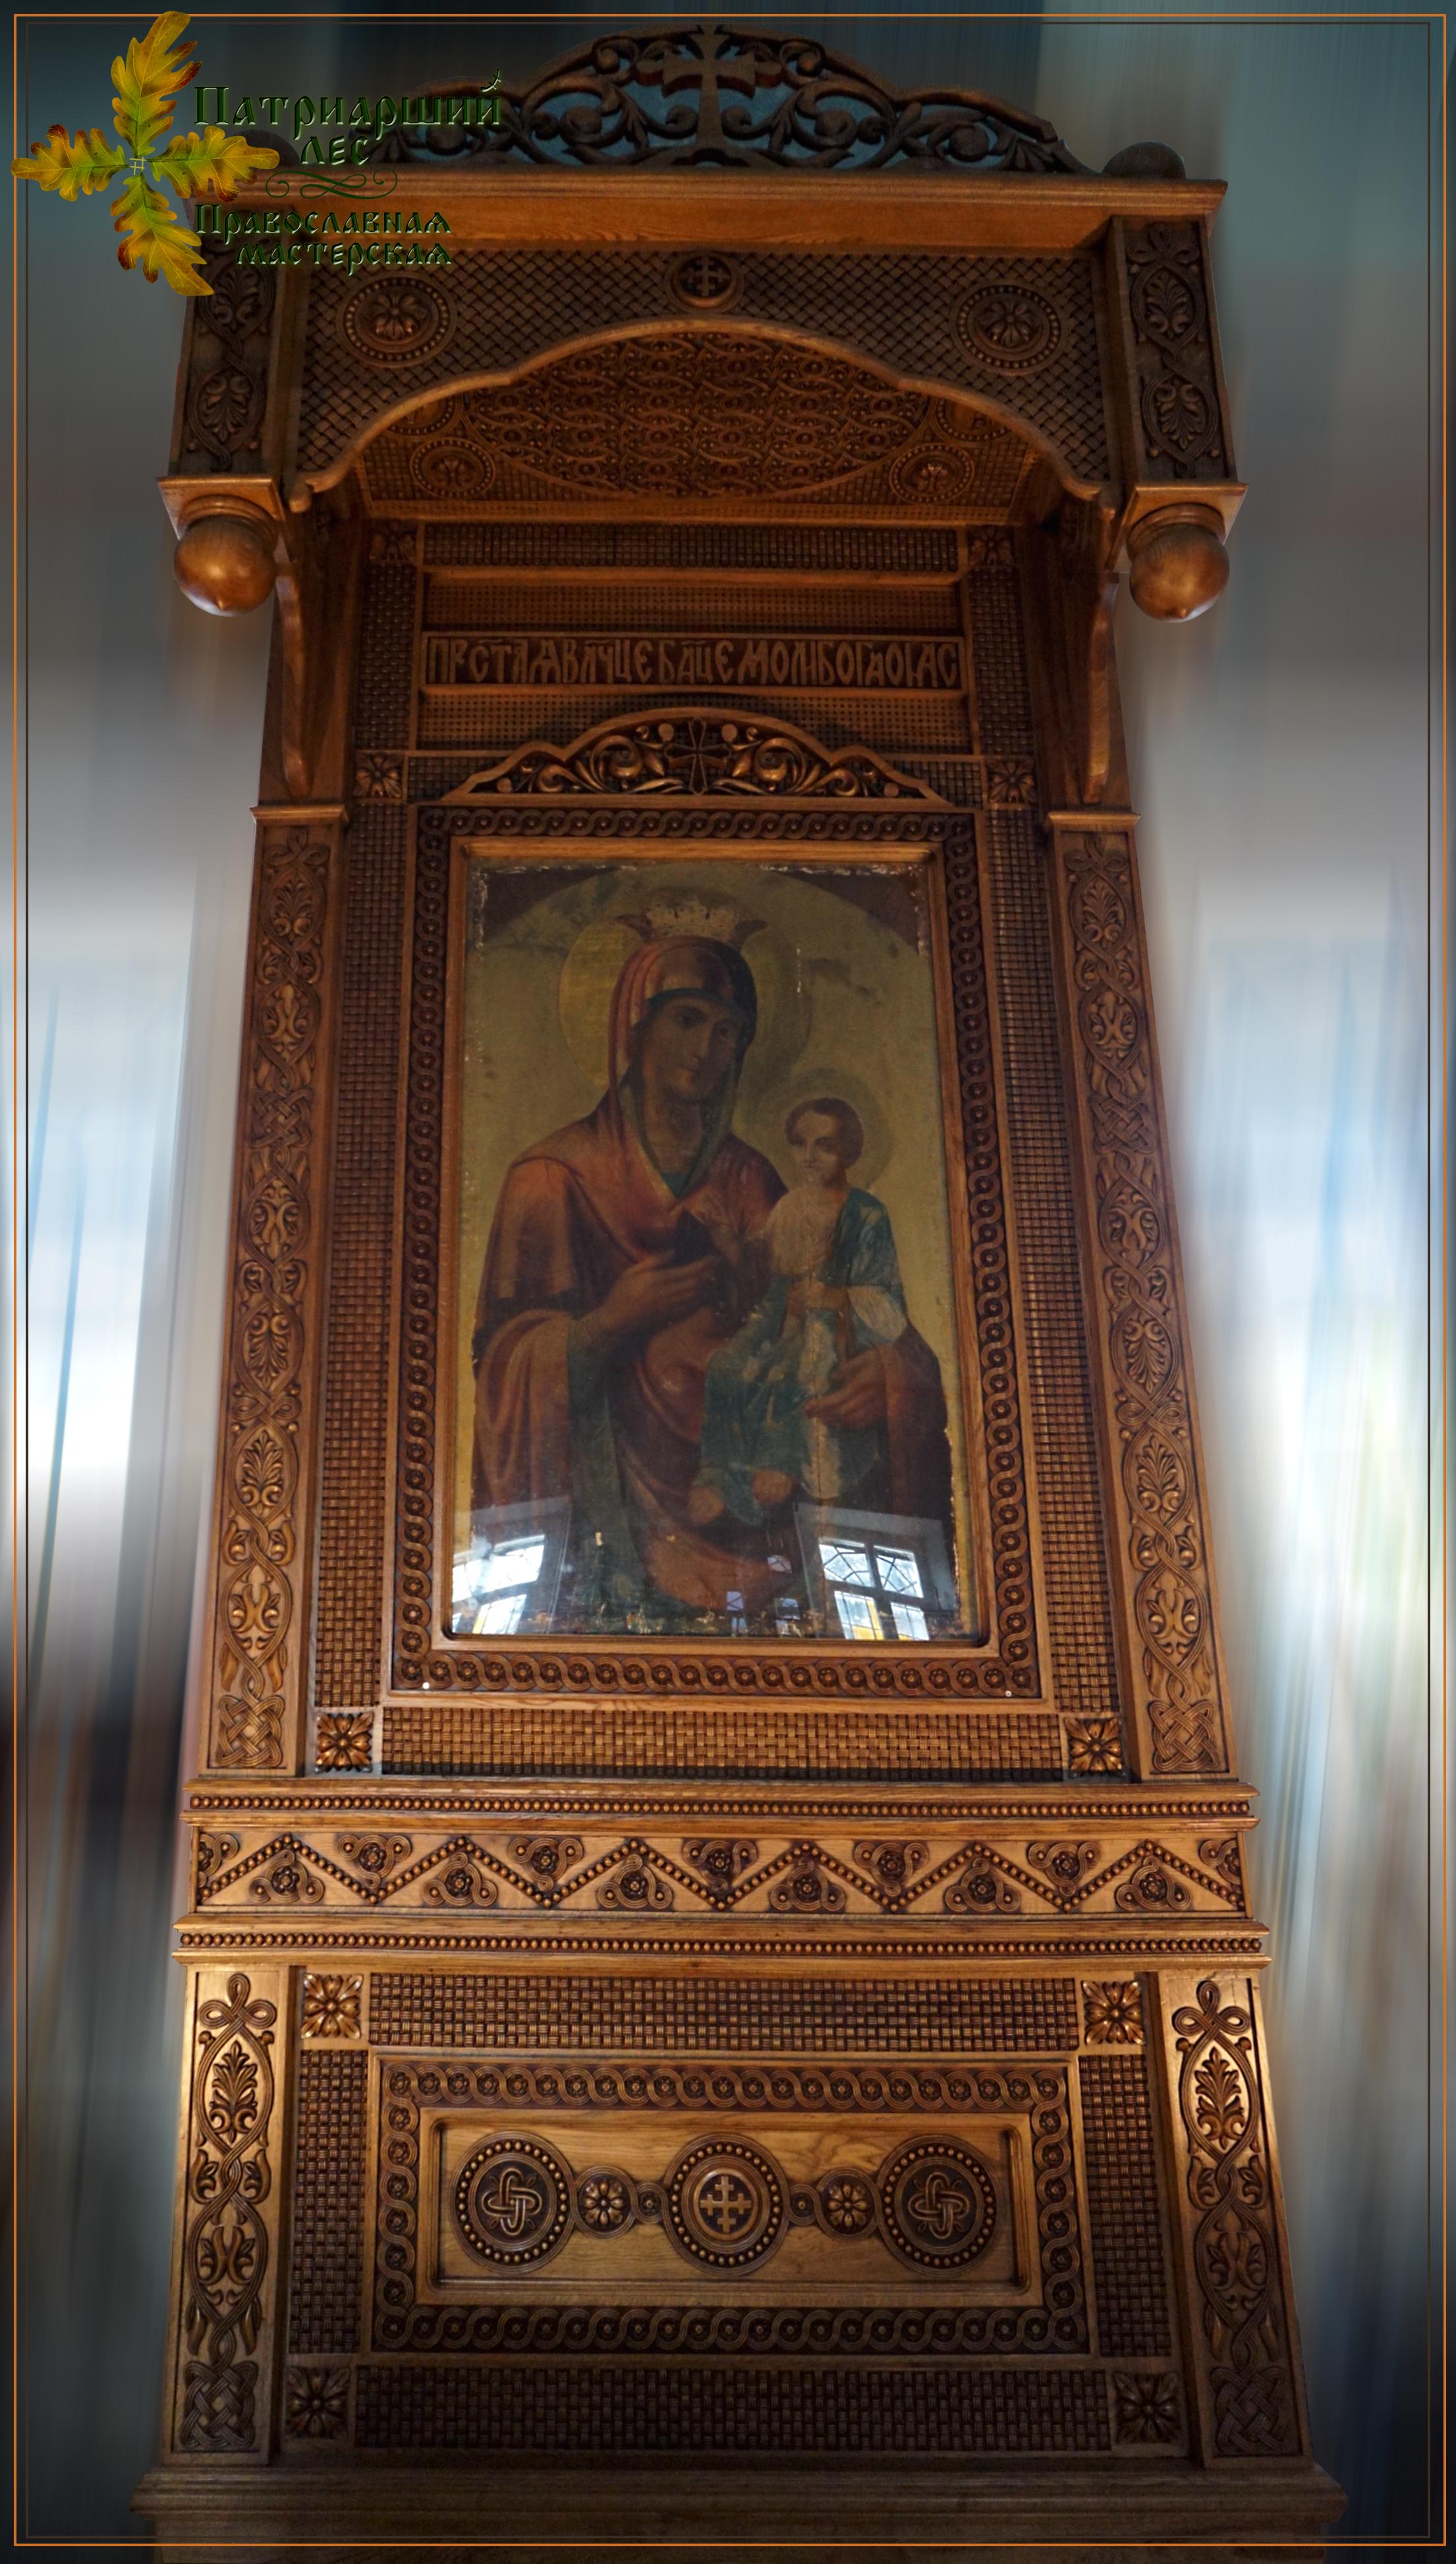 Киот напольный, киот резной с сенью, изделия из дуба, церковная утварь, православие, христианство, убранство для храма, икона, резьба, орнамент, 3d